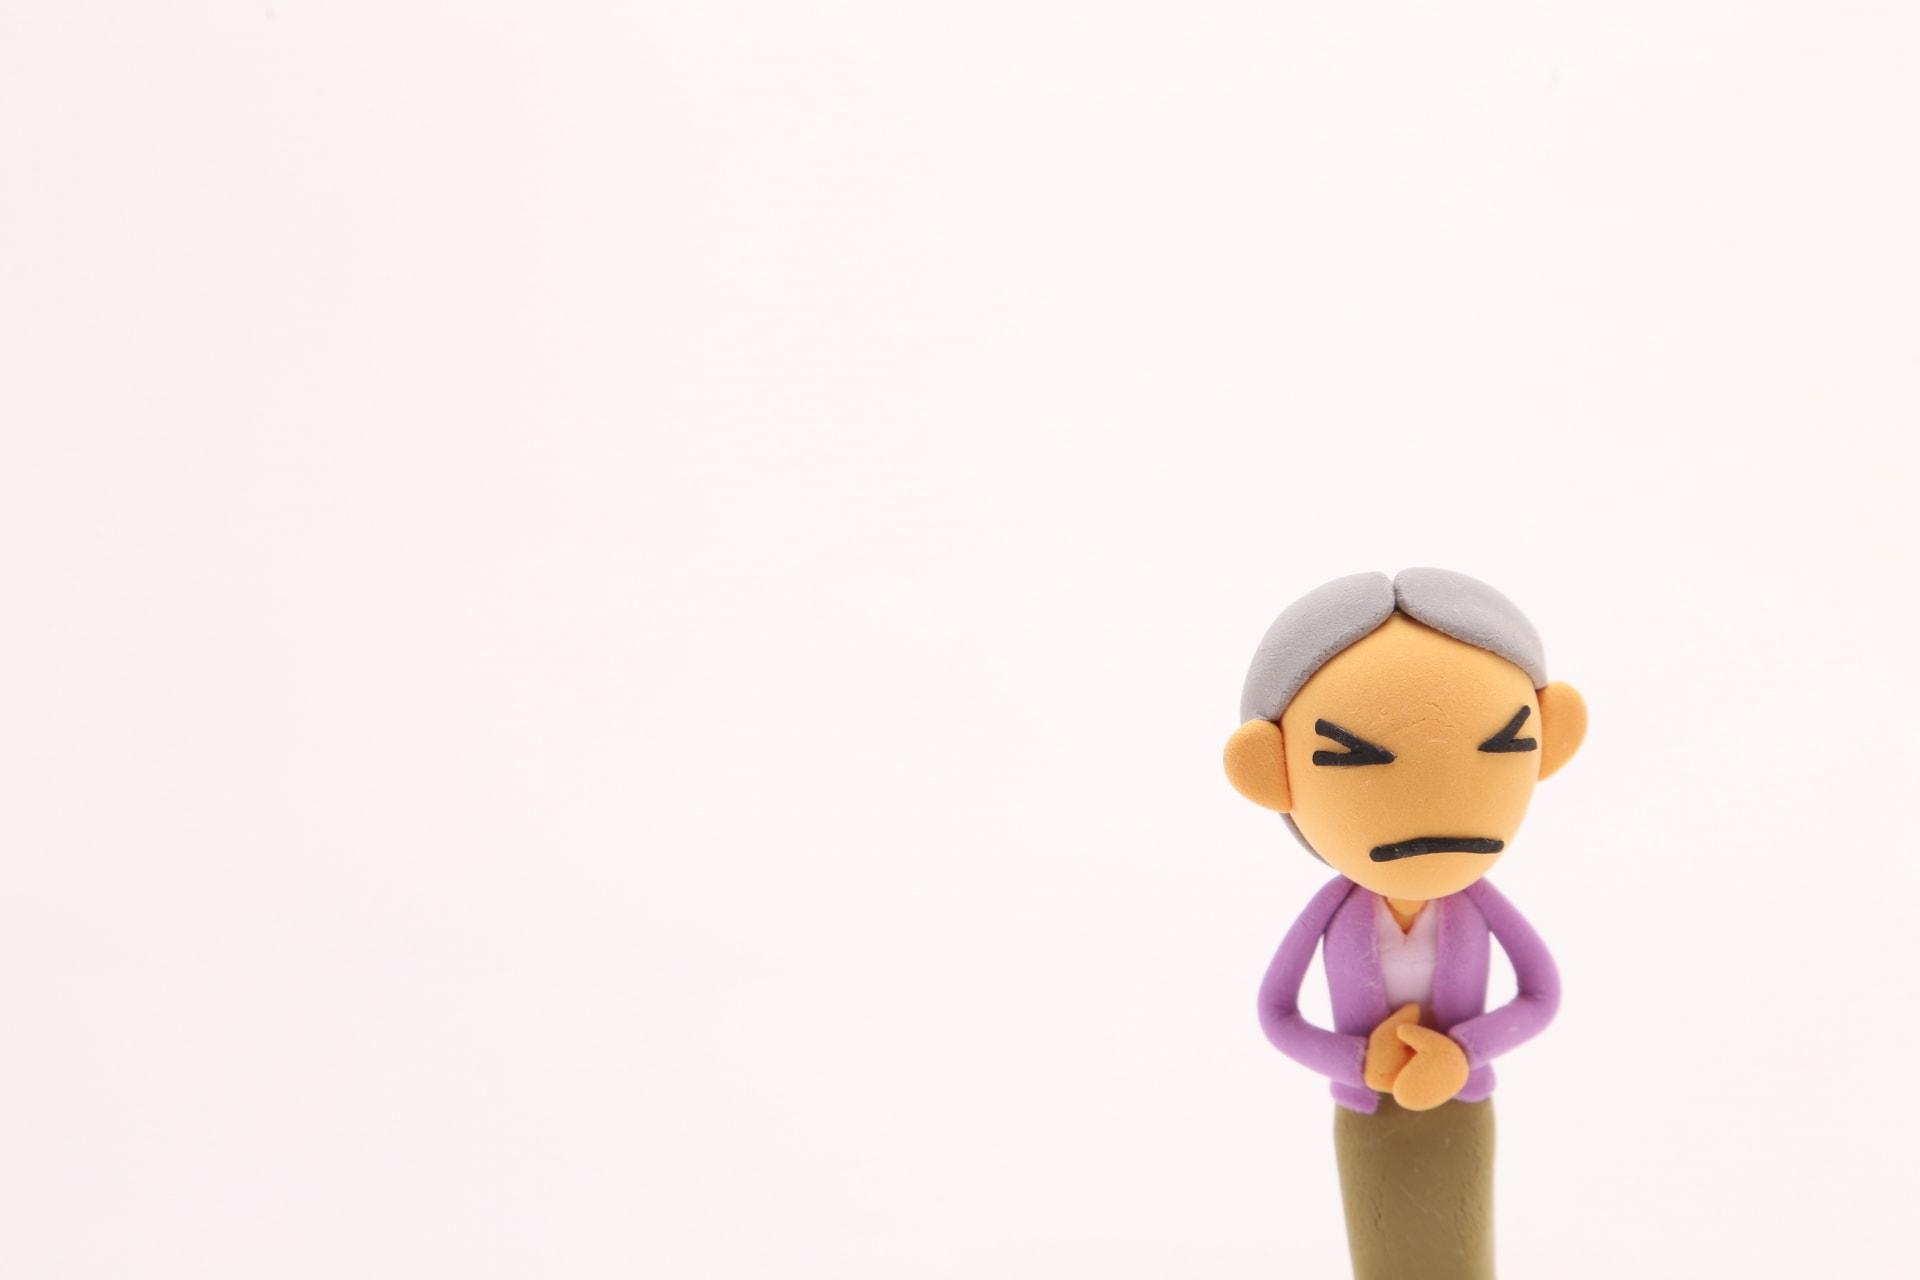 お腹を痛がる人形